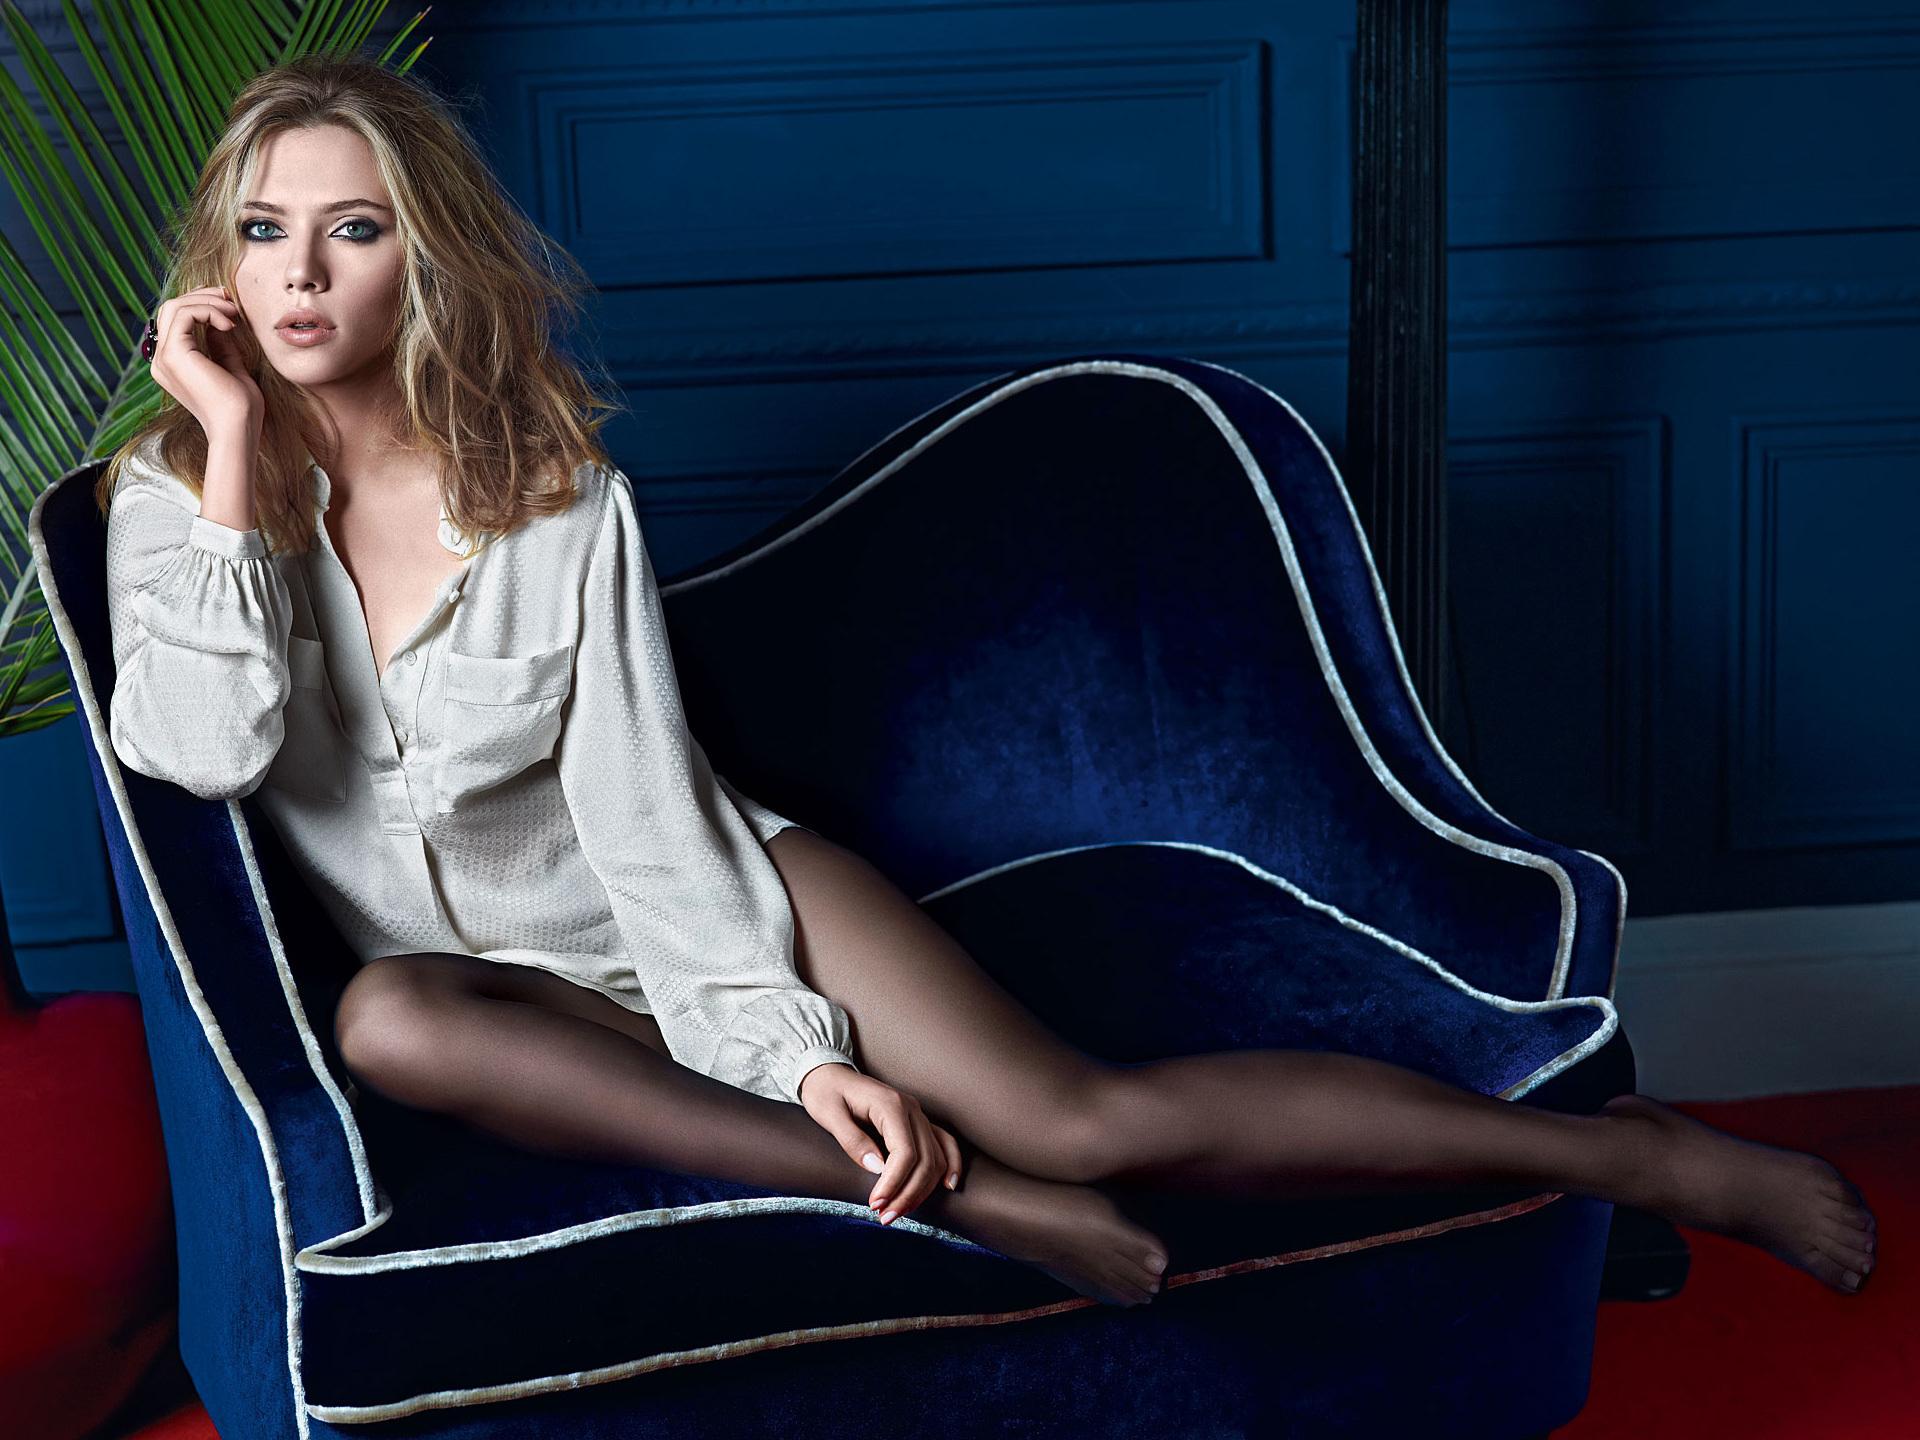 третий, русские актрисы в чулках колготках поставила стулья